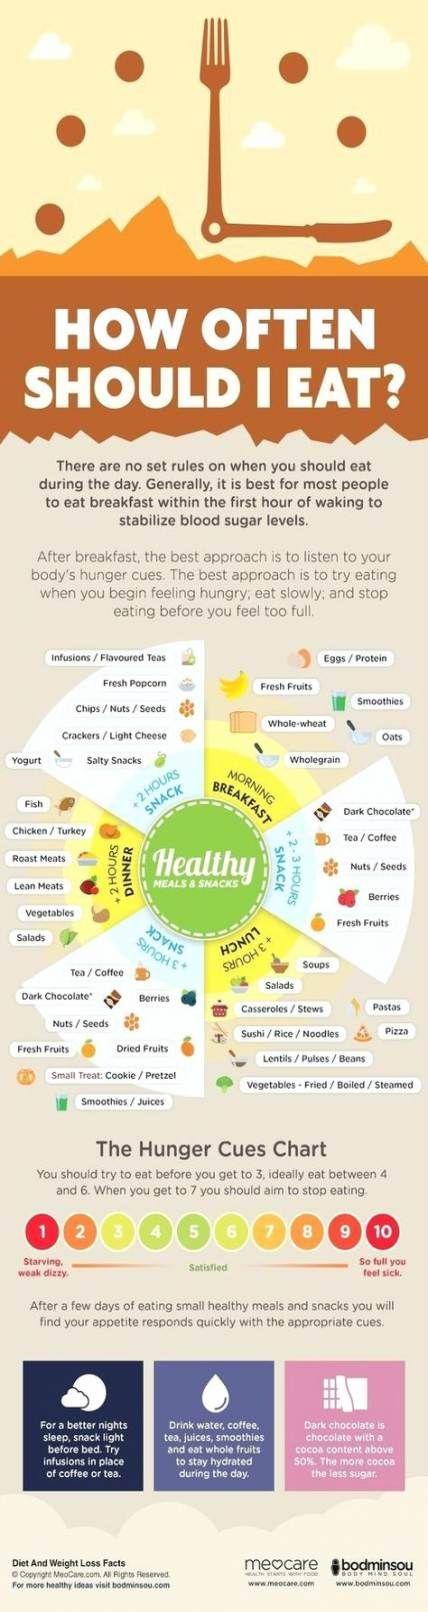 Best diet pills that work fast tips 45+ ideas #diet